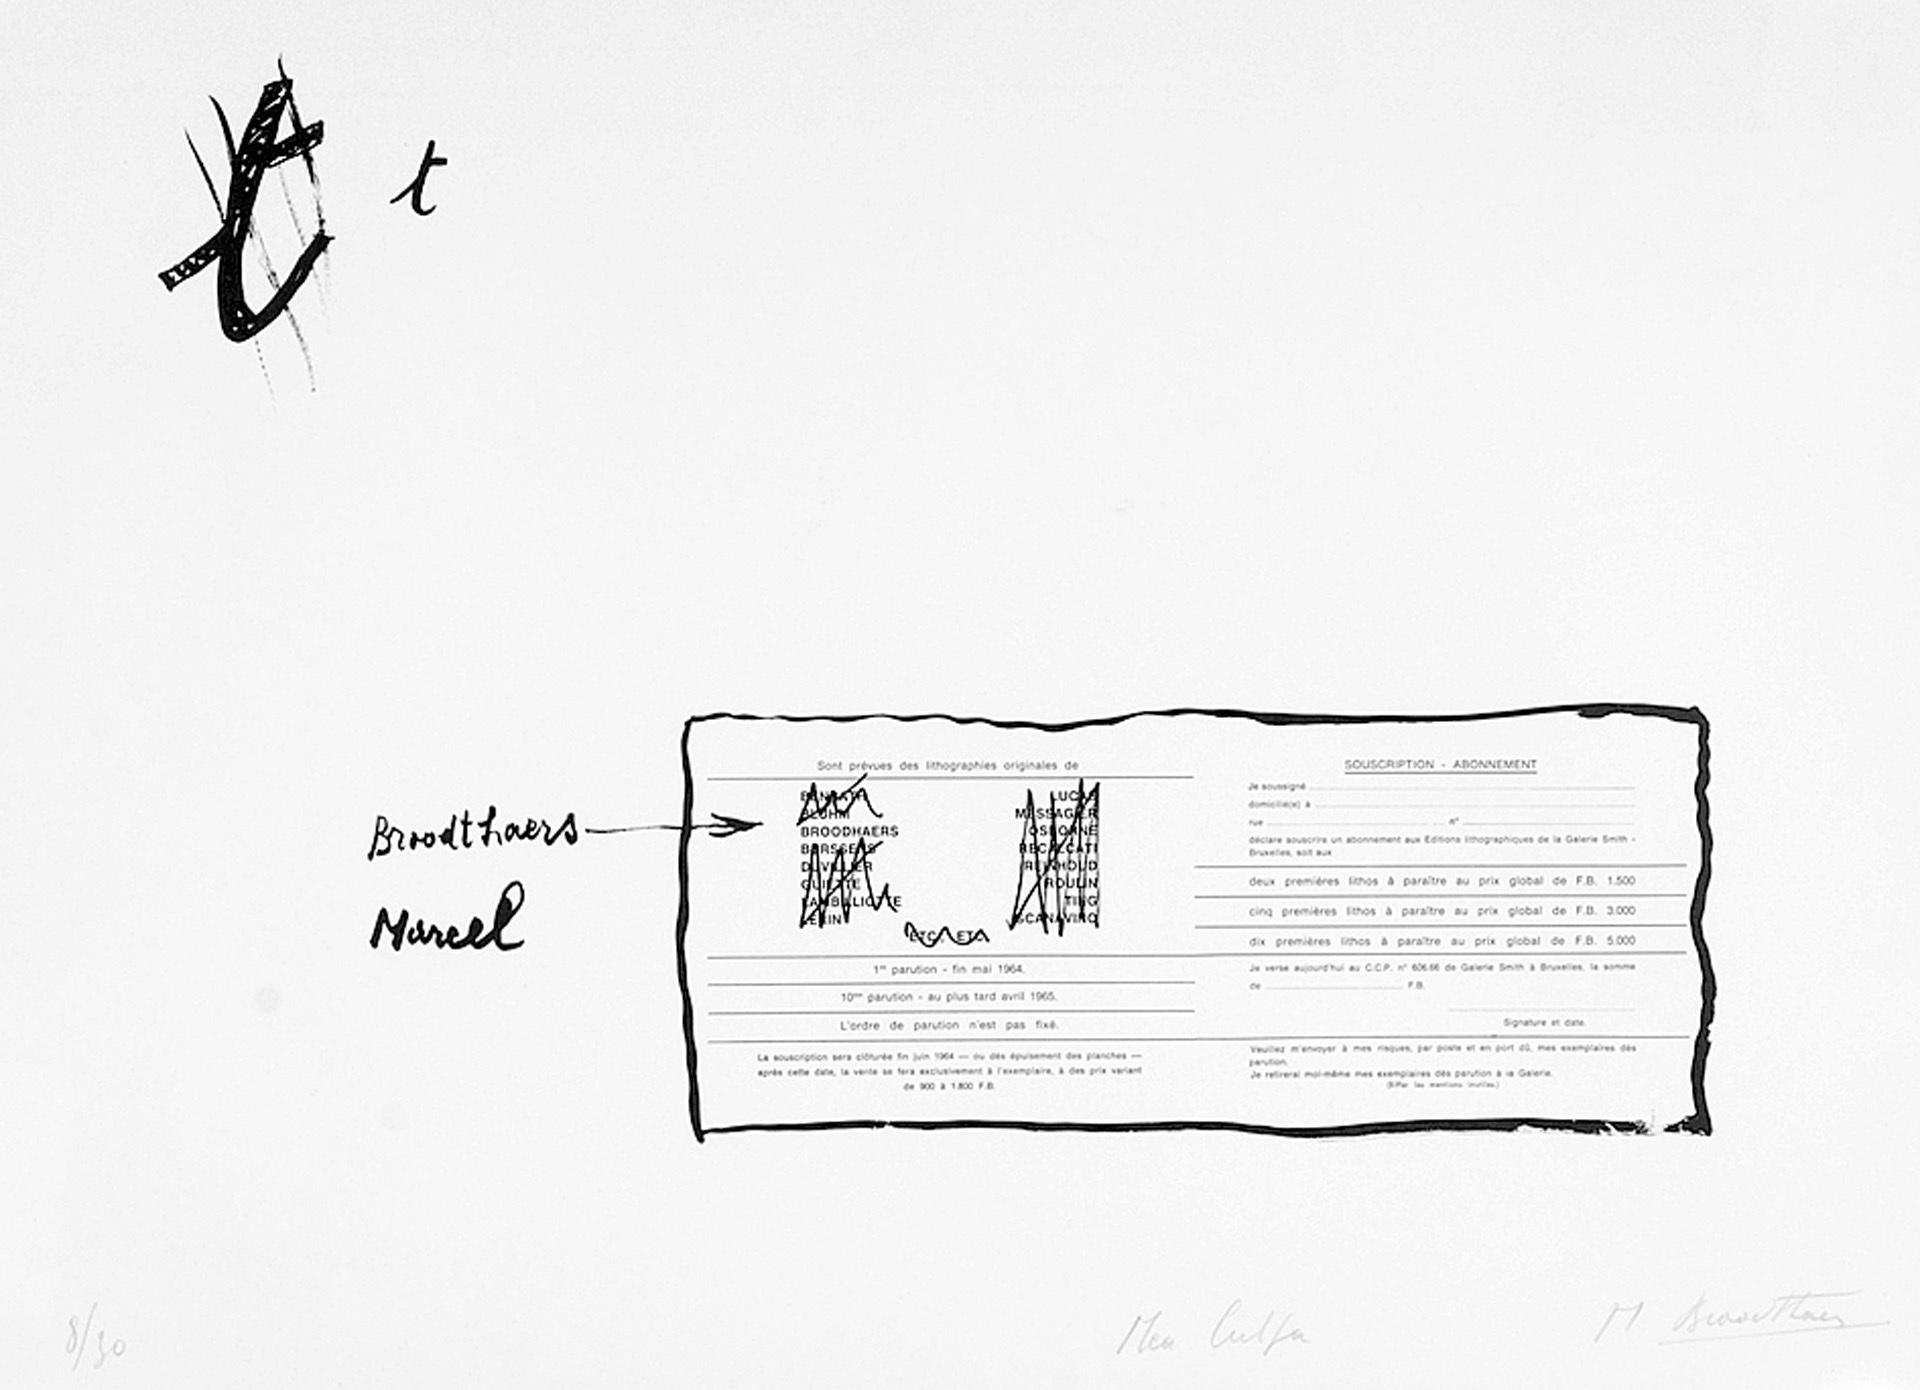 Broodthaers Marcel, La faute d'ortographe (Mea culpa)